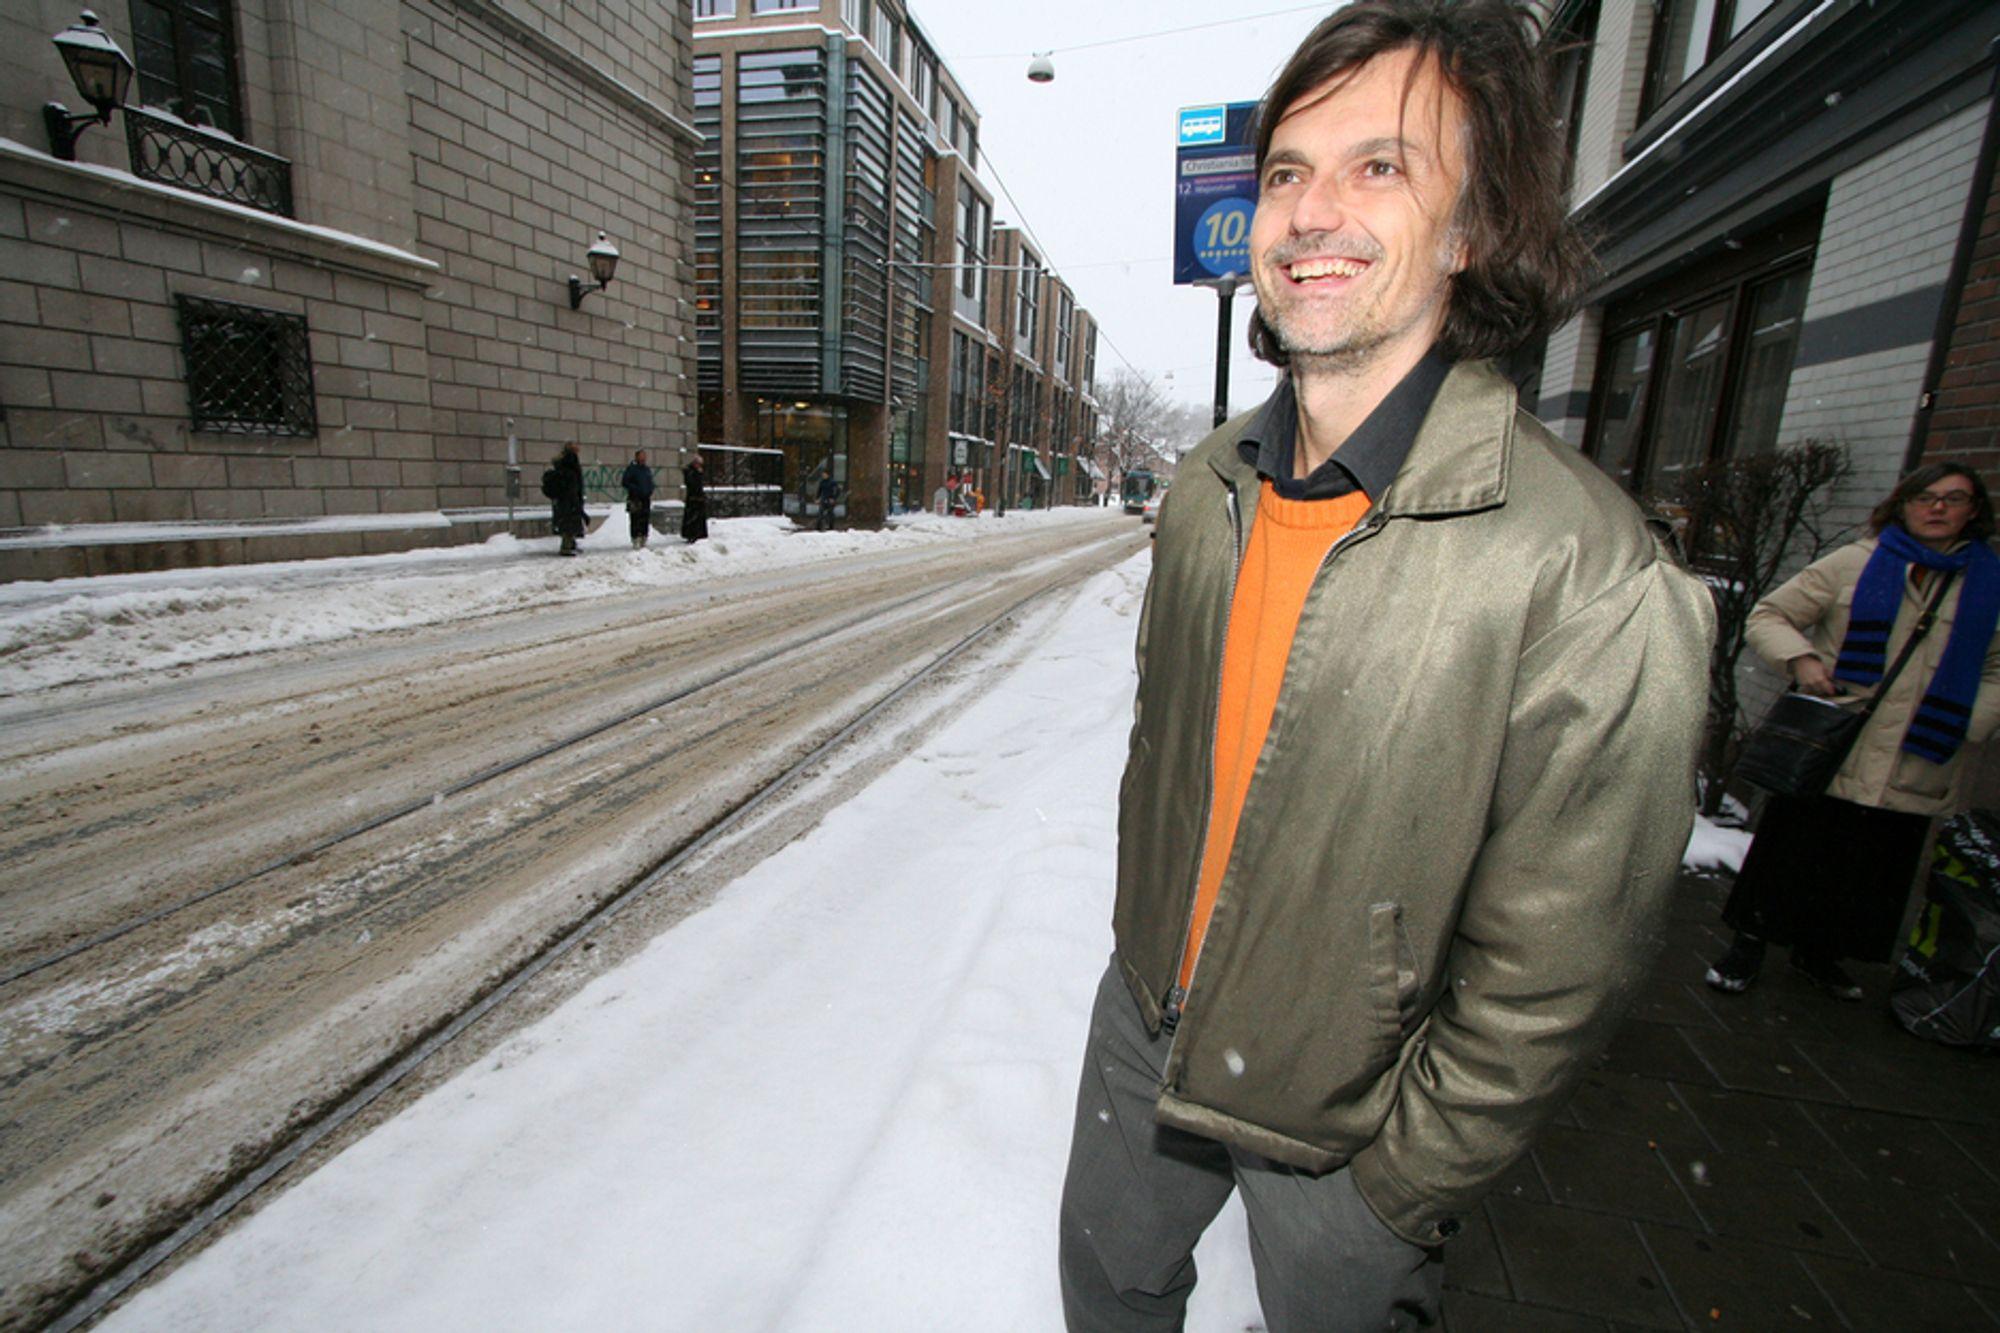 MONOPOLETS MAKT: NTNU har tilranet seg monopol på teknisk kompetanse i næringslivet, mener bypatriot Erling Fossen i Oslo Teknopol.